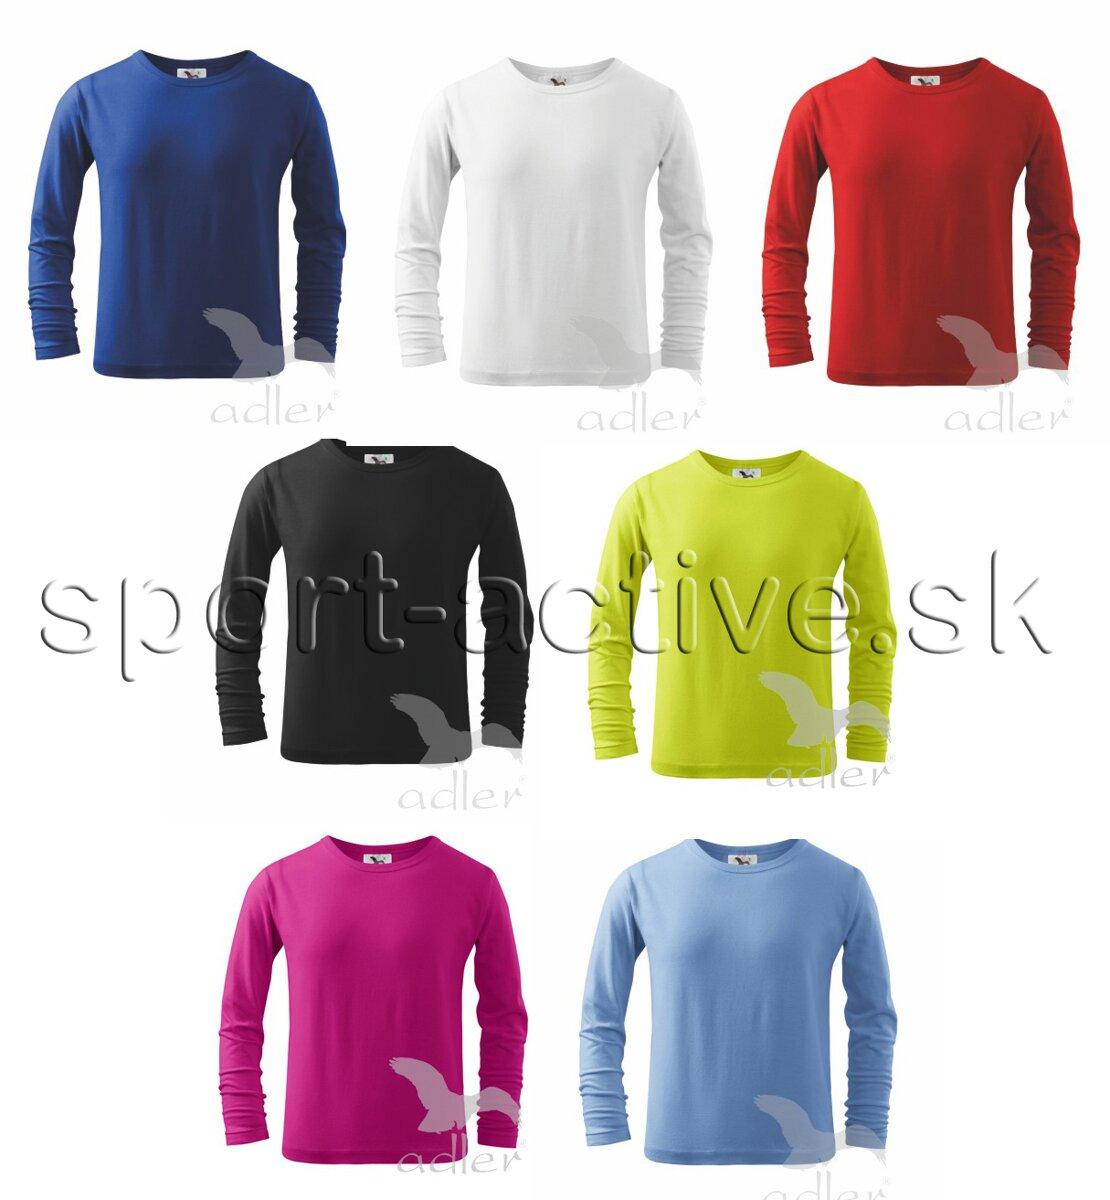 9158f9da50d9 Adler detské tričko s dlhým rukávom 121